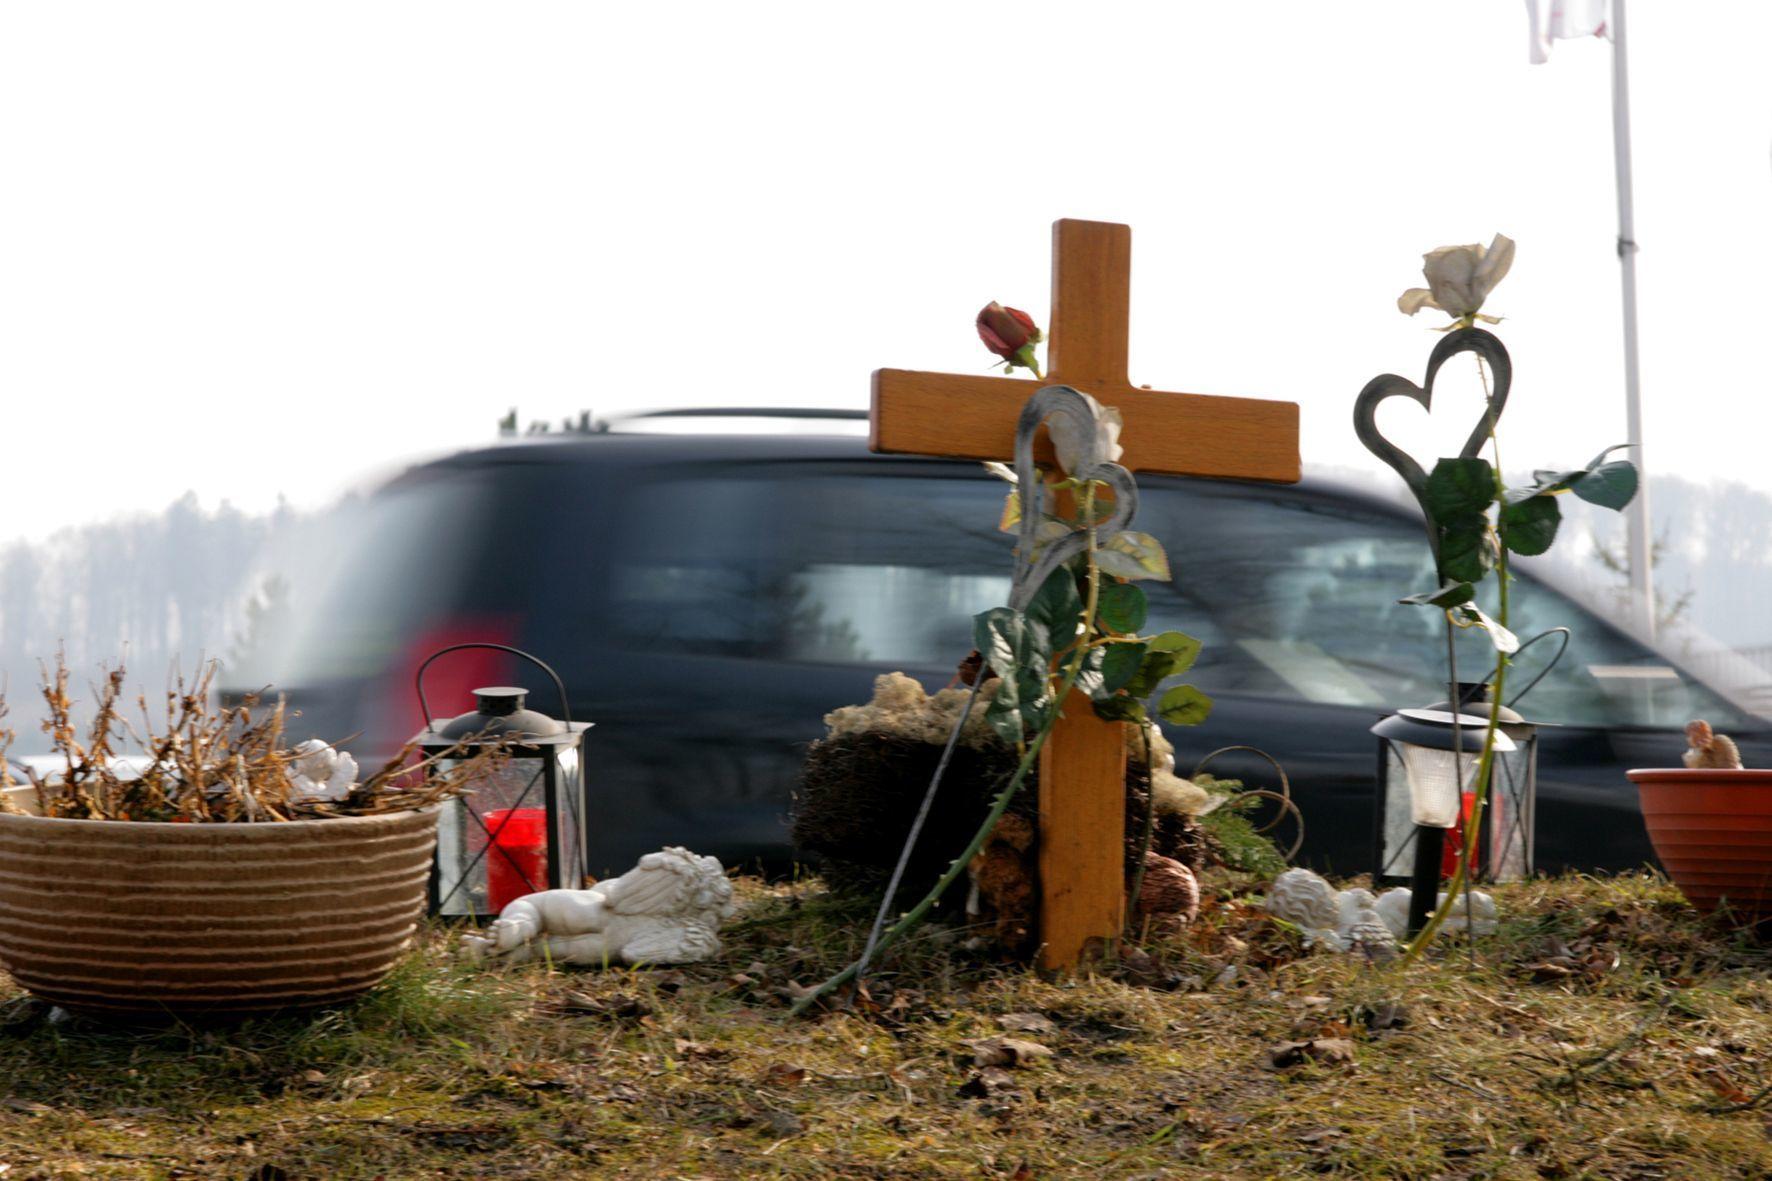 mid Groß-Gerau - Im Januar 2016 wurden auf deutschen Straßen weniger Menschen verletzt und getötet als im Vorjahresmonat.